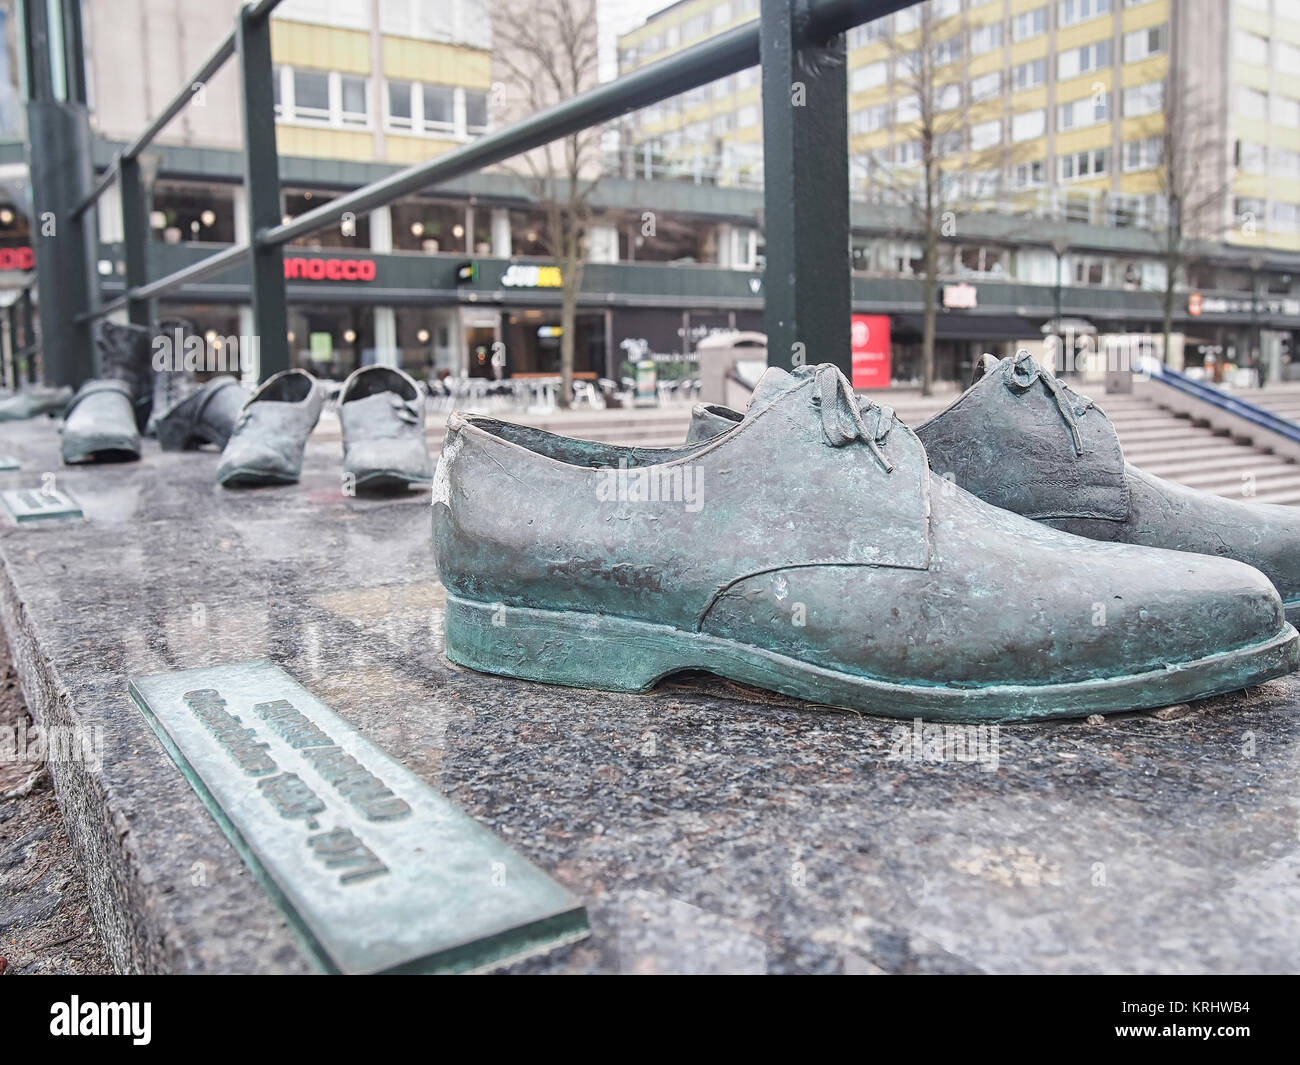 new concept 24df5 d9113 Bronze Skulptur Schuhe auf einer Brücke - Denkmal zu ...